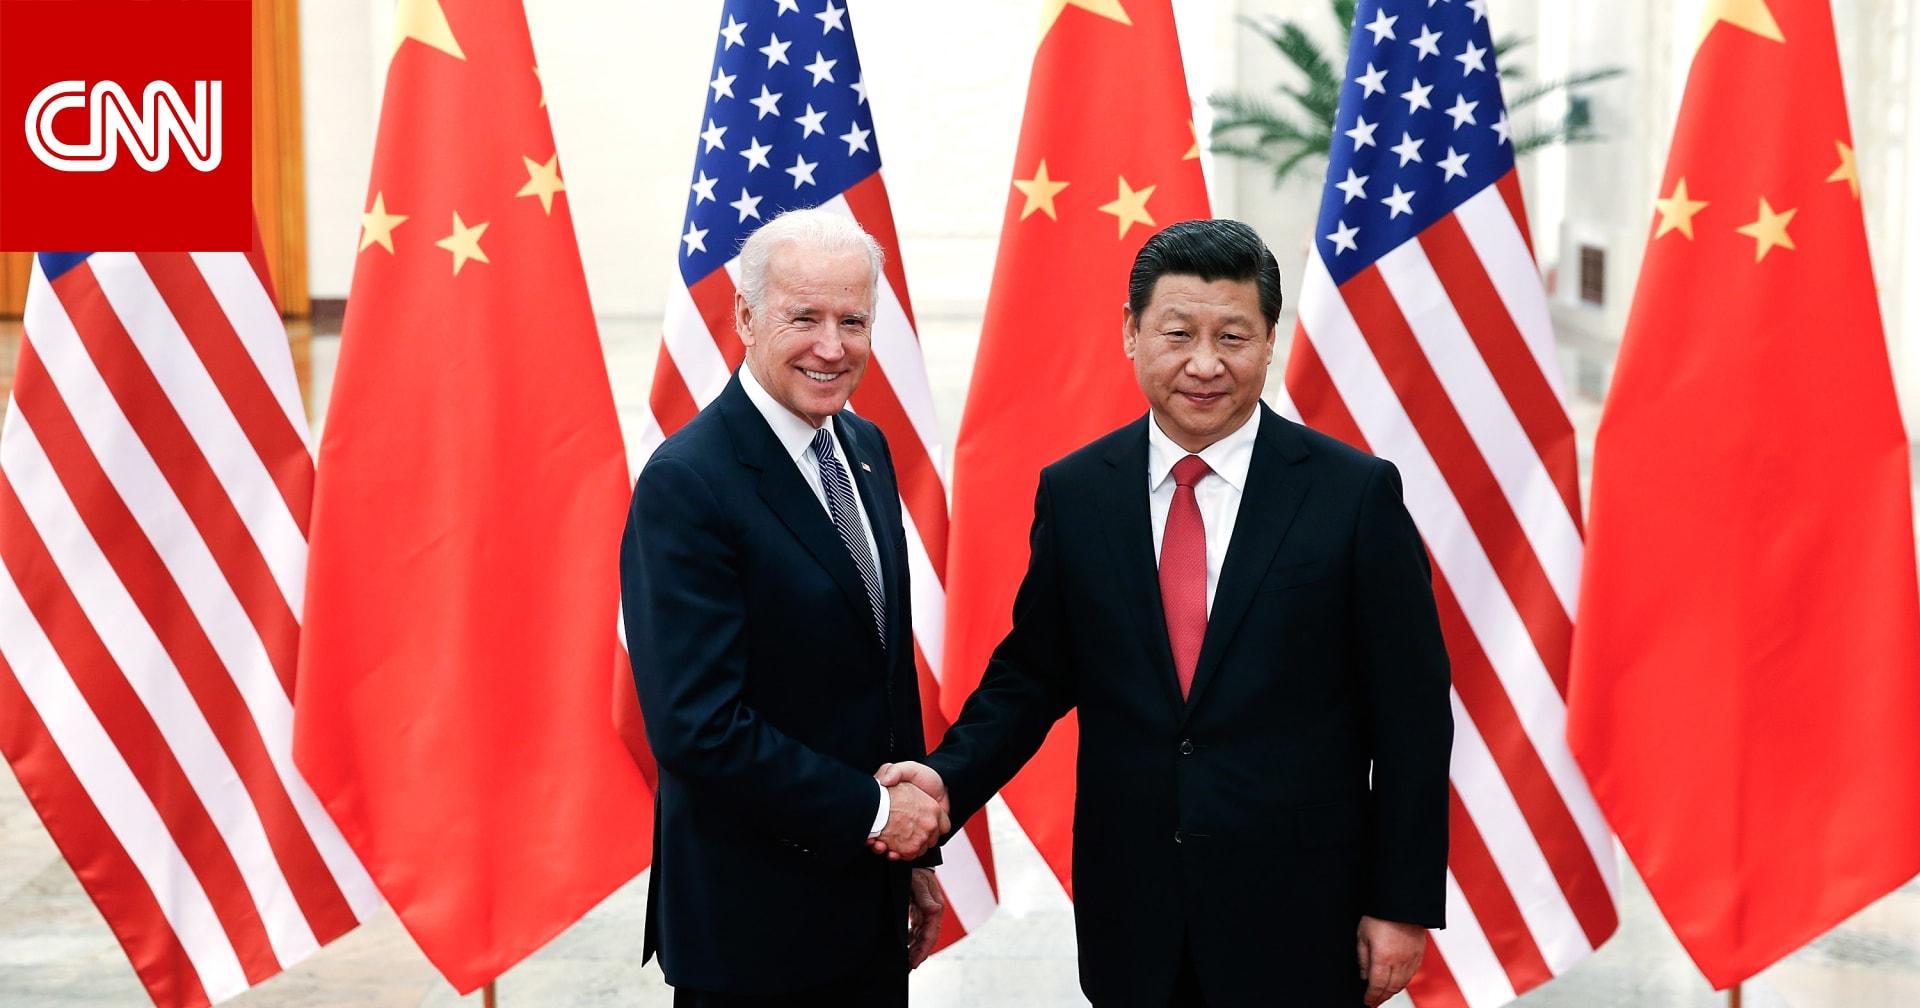 اختبار مبكّر لرئاسة بايدن.. كيف سيتعامل مع الصين بعد انقلاب ميانمار ودورها هناك؟